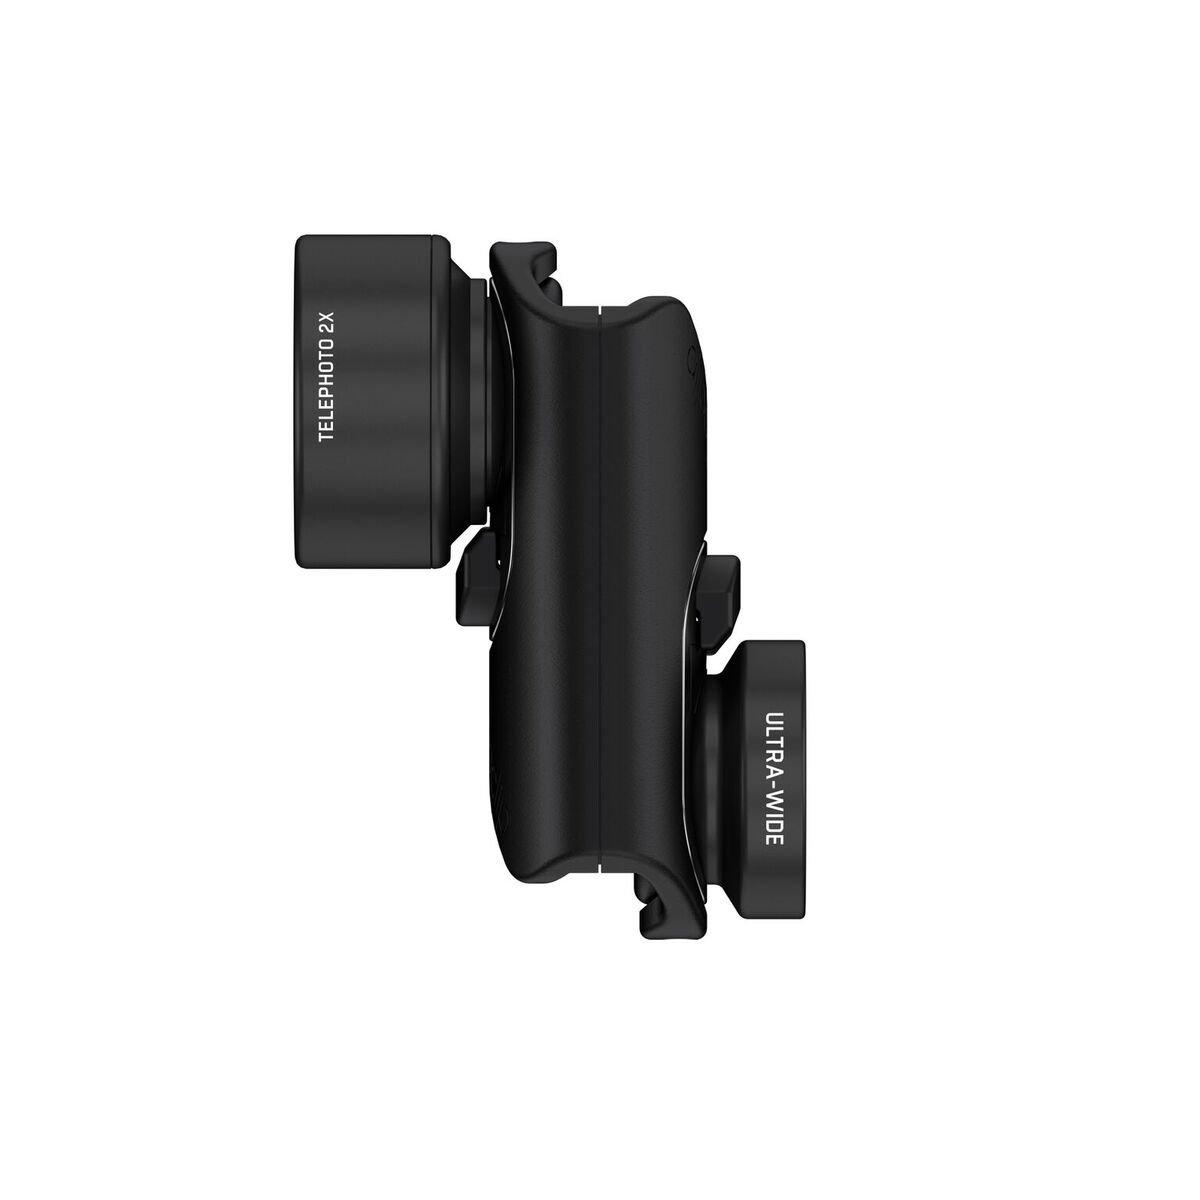 92a1542699 Get Quotations · olloclip ACTIVE LENS SET for iPhone 7   7 Plus  Black Lens Black  Clip